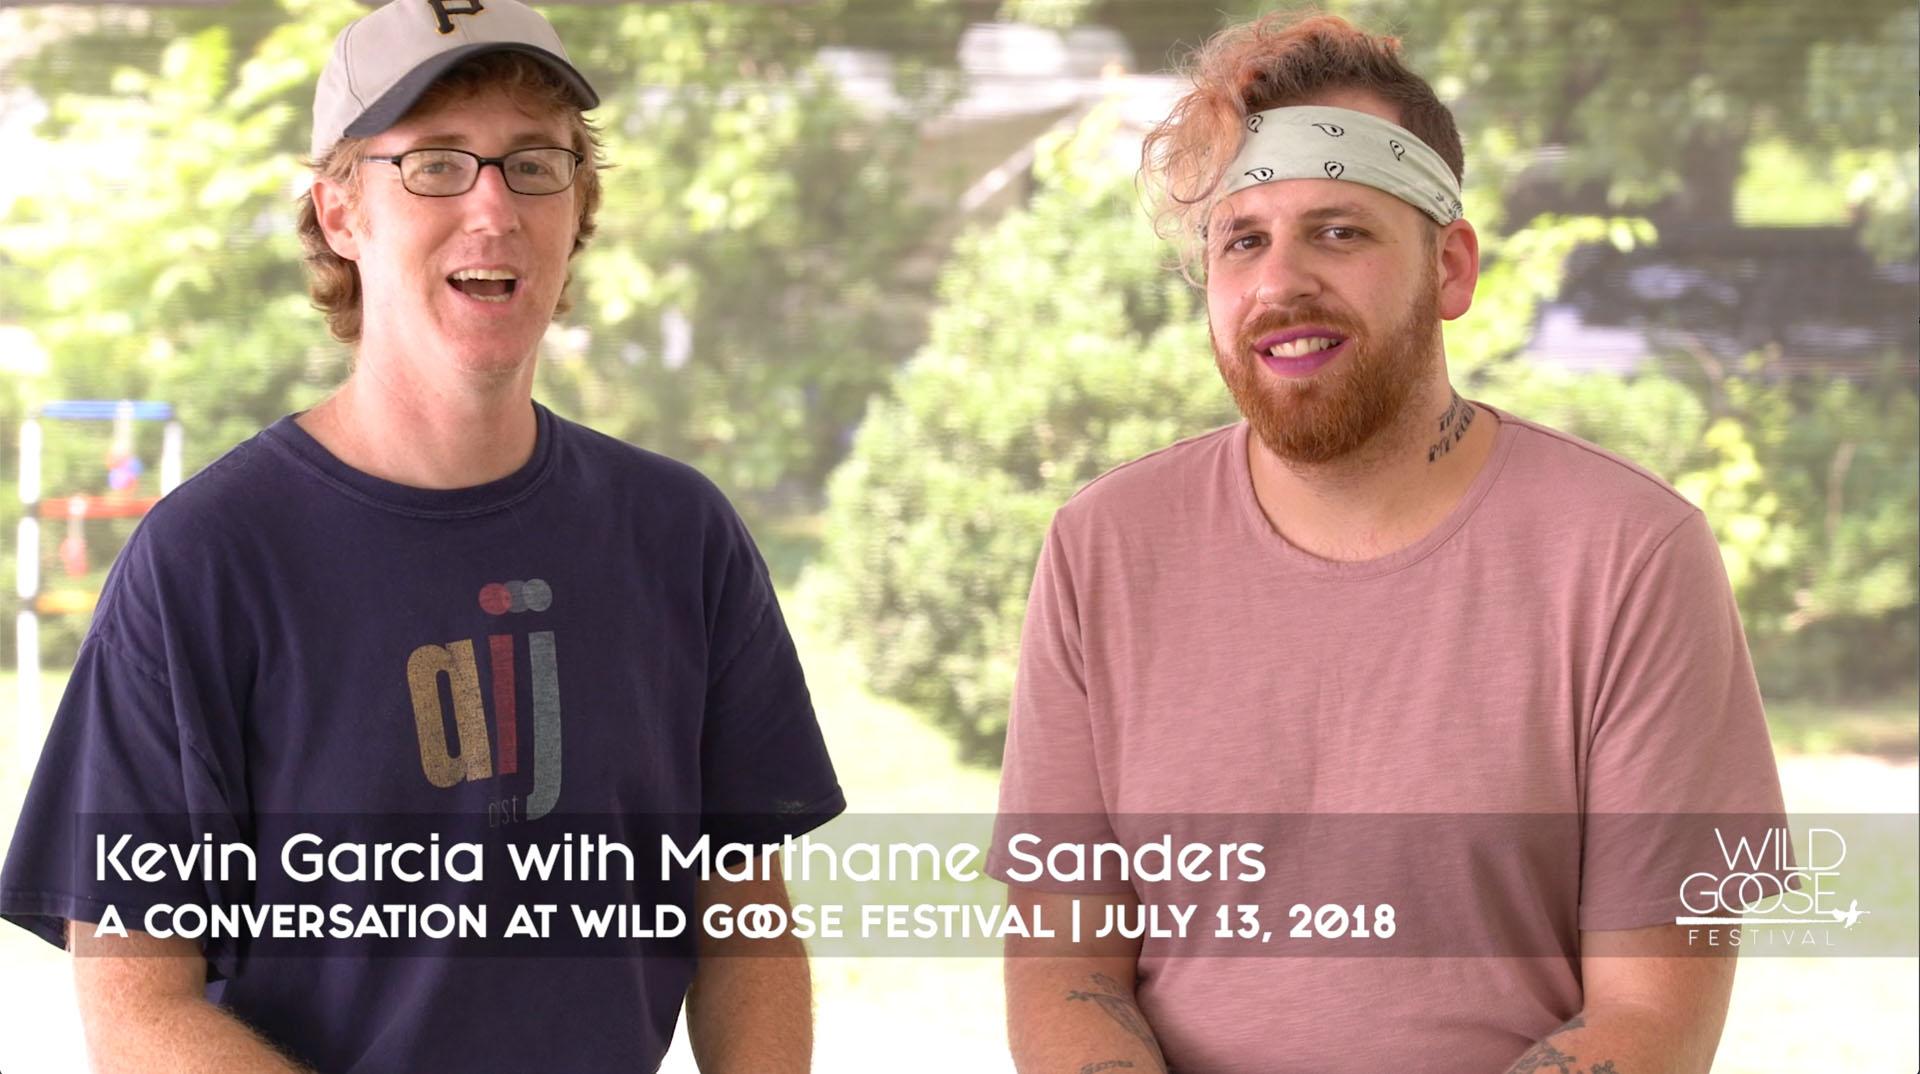 Kevin Garcia with Marthame Sanders